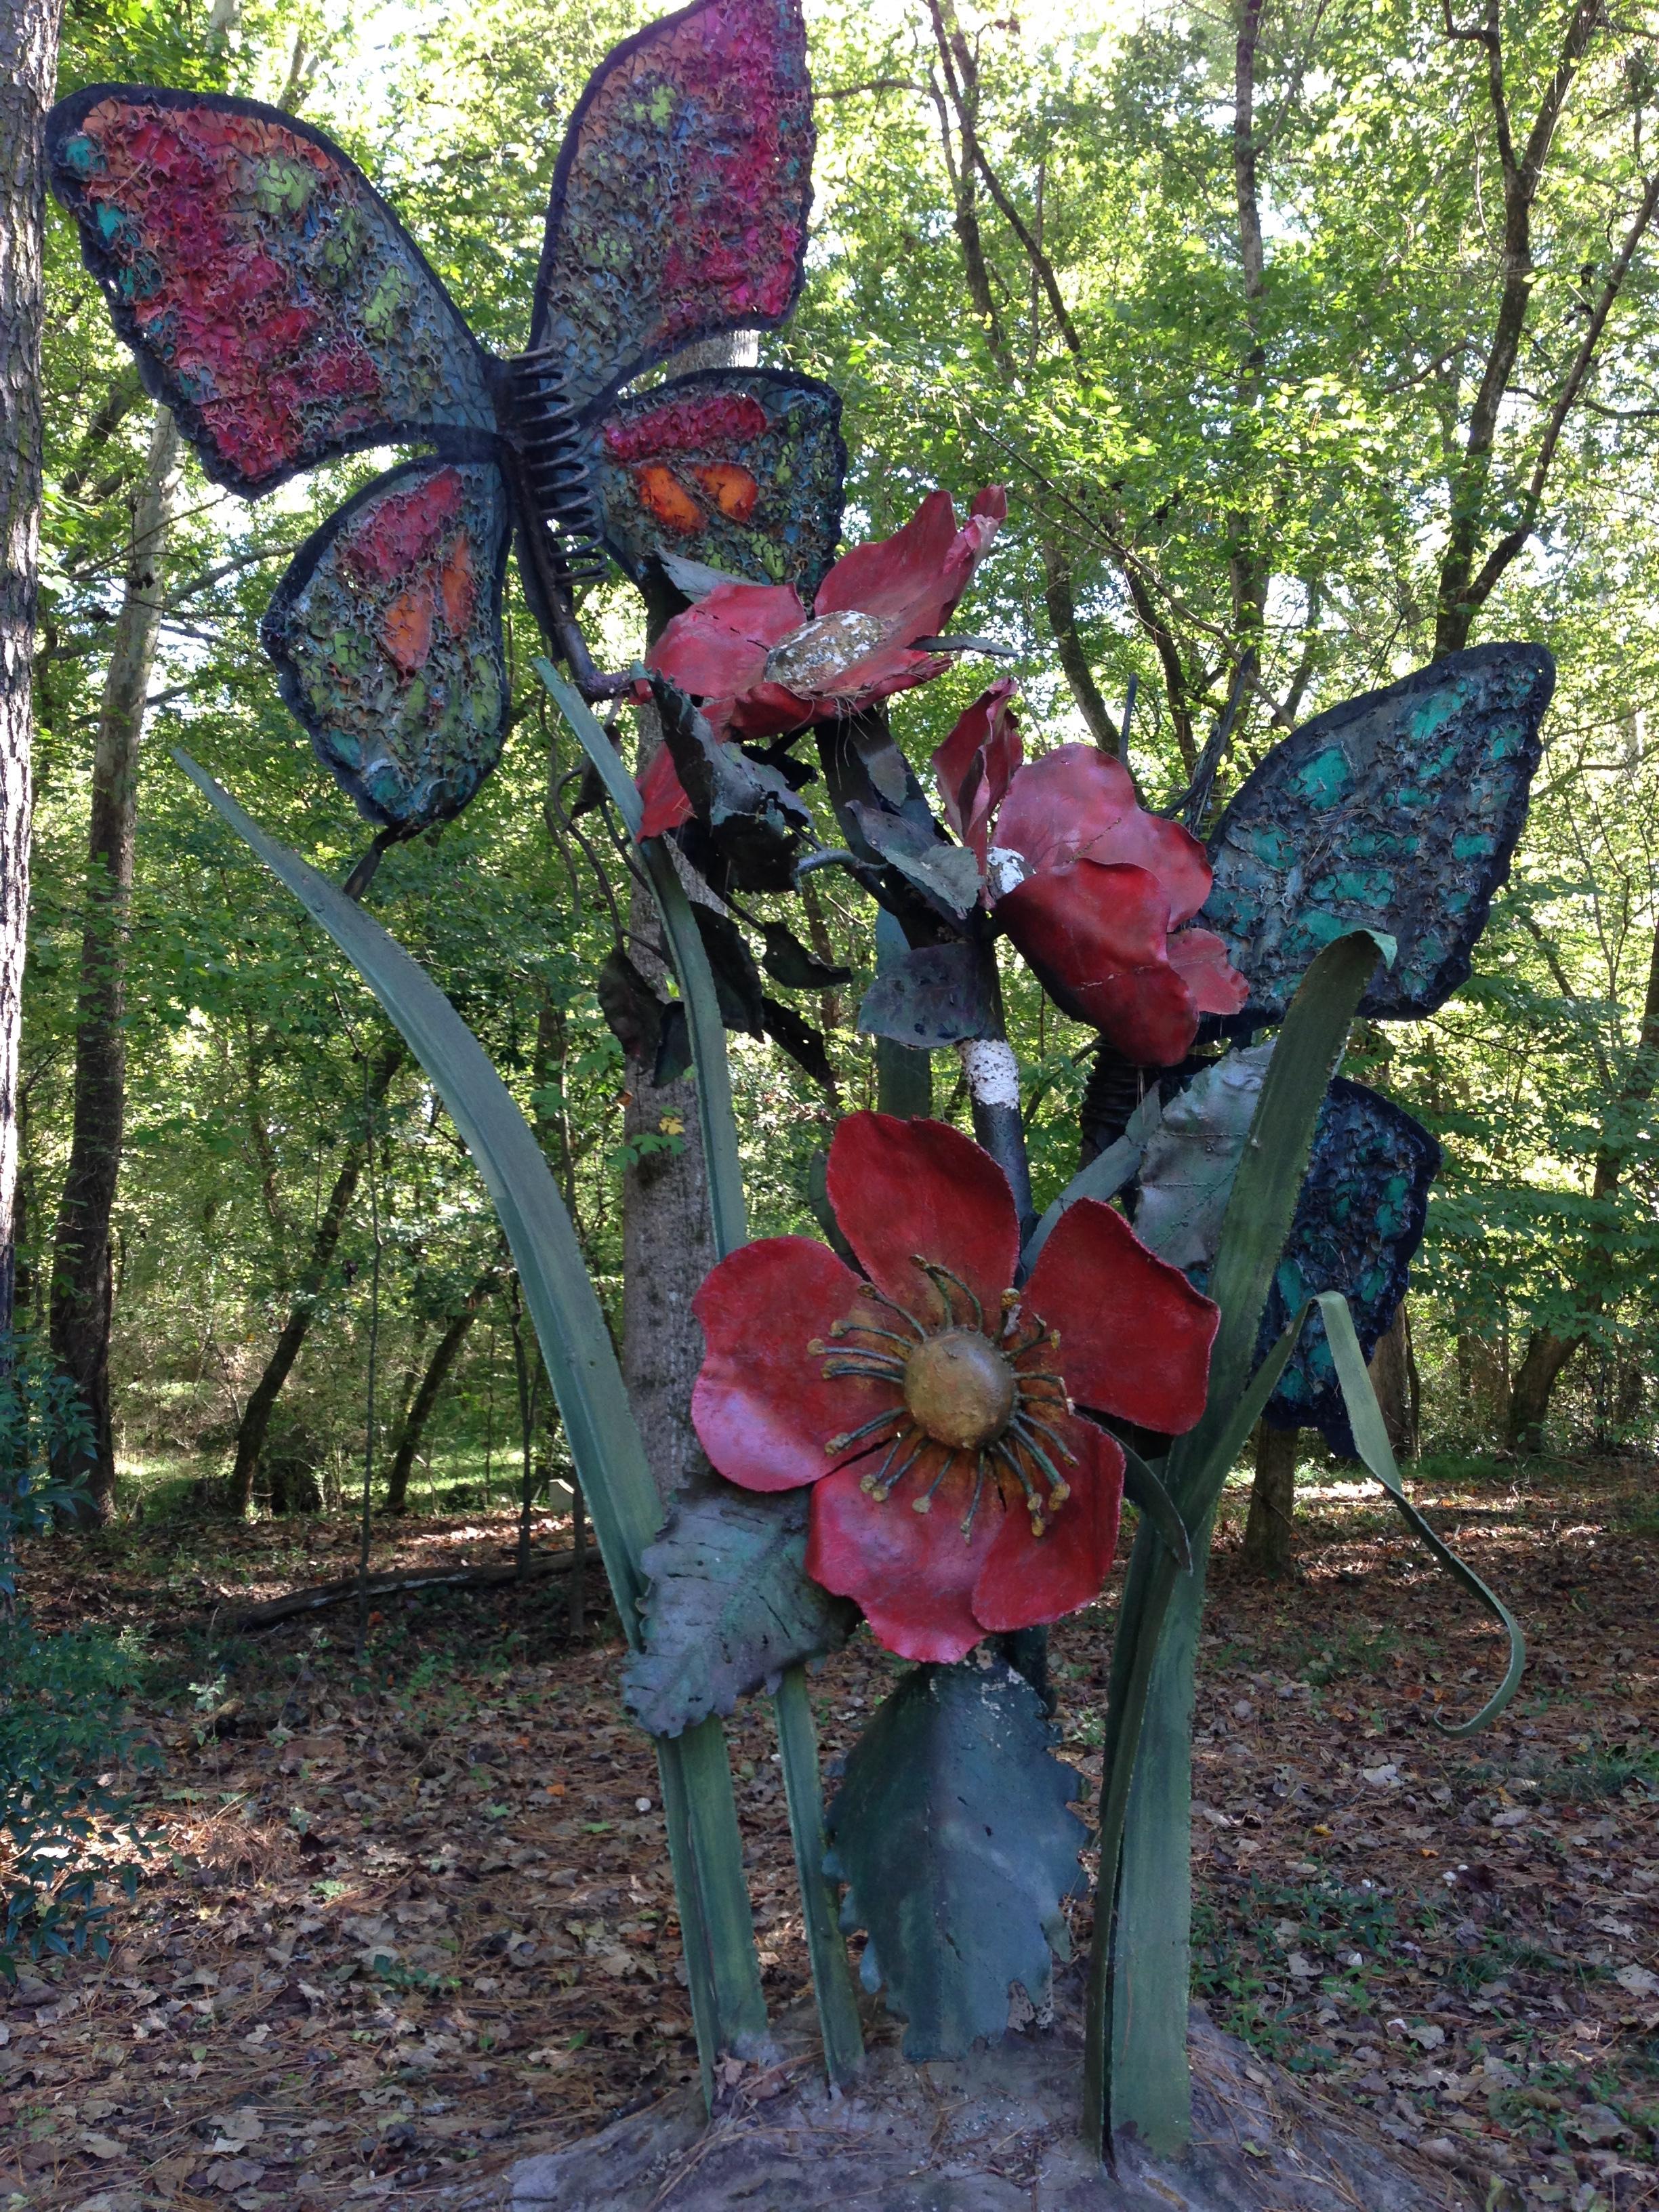 Sculpture near the trailhead.